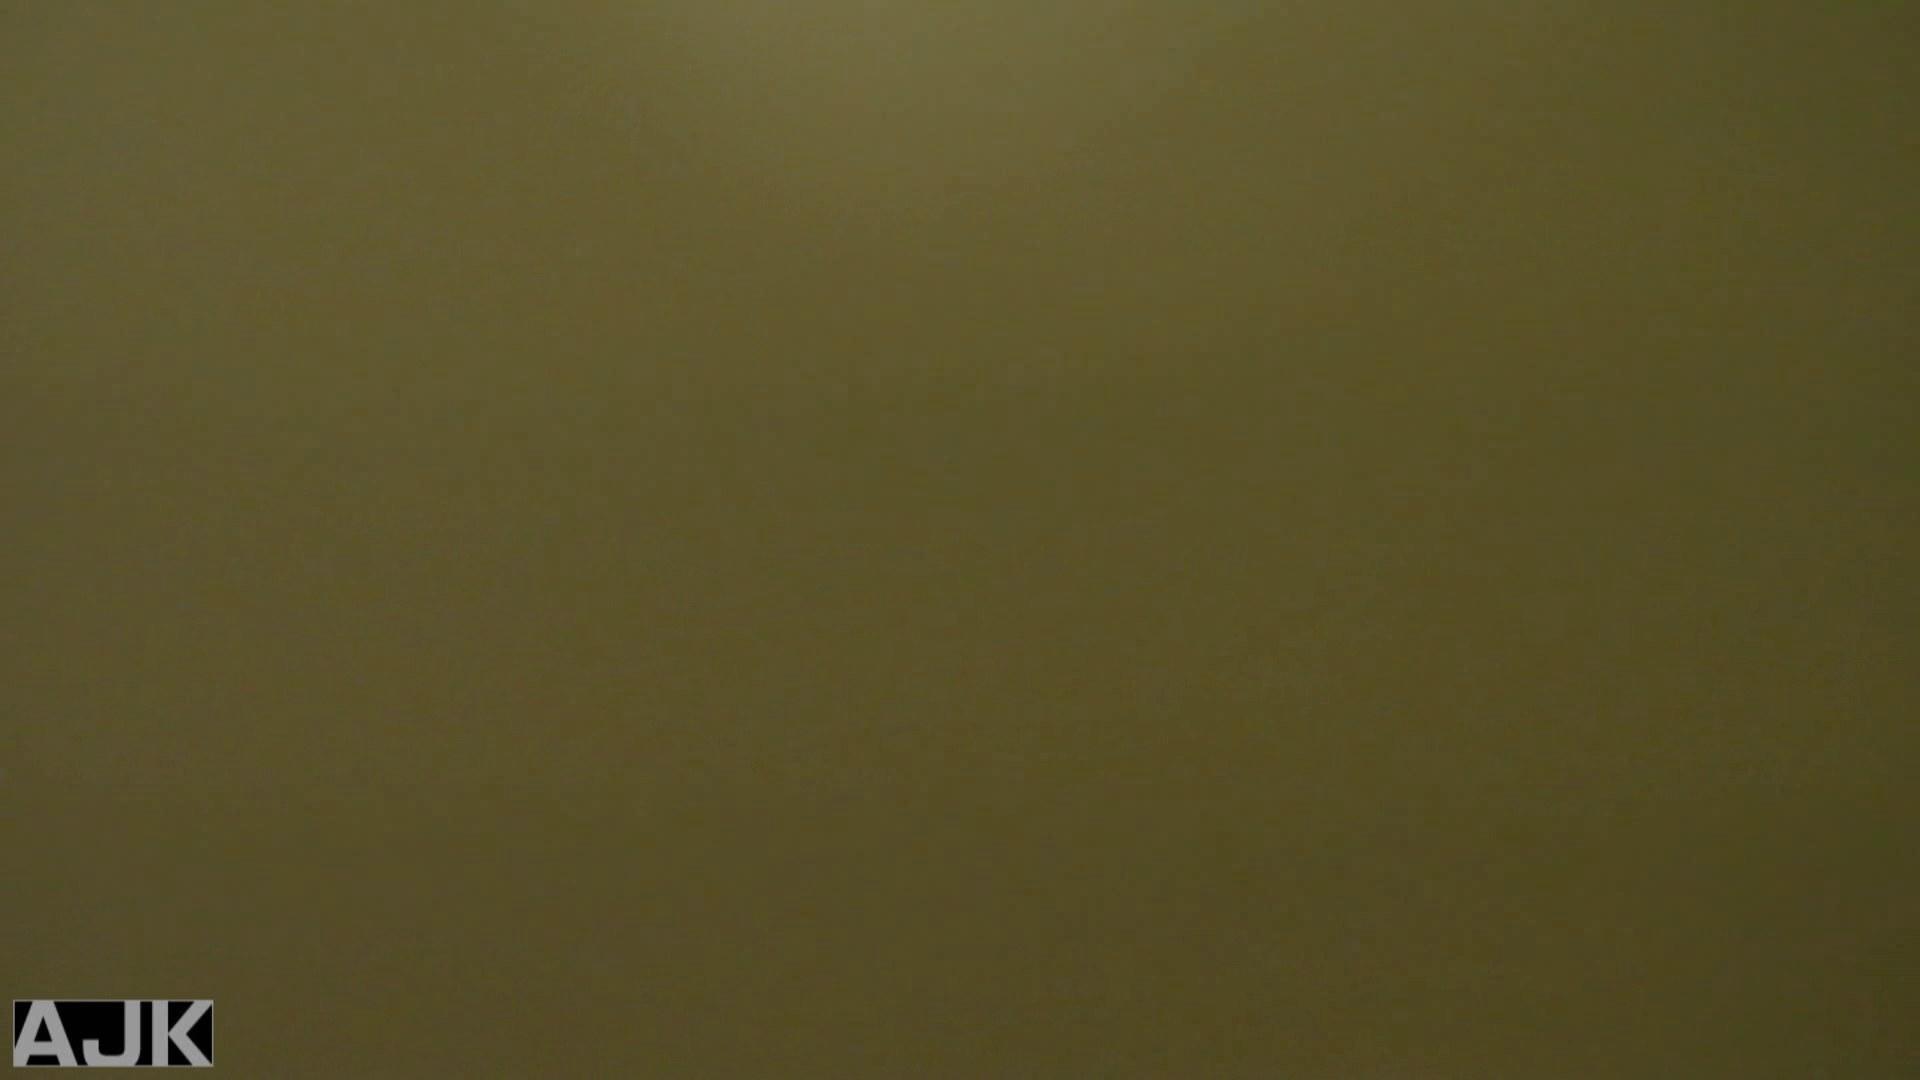 隣国上階級エリアの令嬢たちが集うデパートお手洗い Vol.09 盗撮・必見 AV無料動画キャプチャ 73画像 68